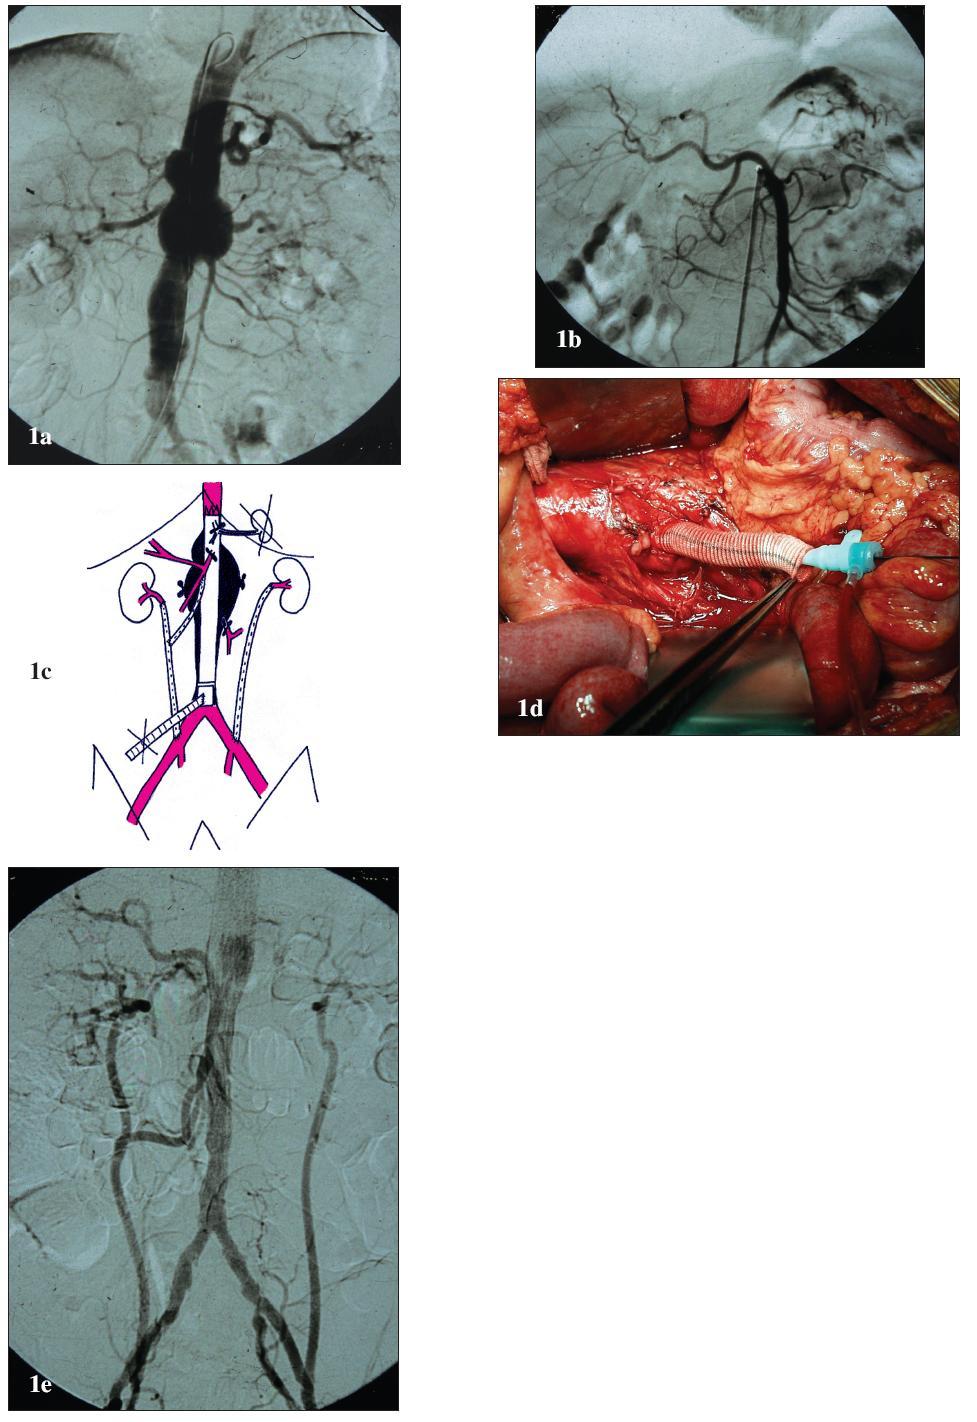 """Muž 61 let s vysokým operačním rizikem a TAAA IV 1a: Předoperační angiografie. Výduť začíná v oblasti bránice, zaujímá odstupy viscerálních a renálních tepen a končí v bifurkaci aorty. 1b: Předoperační angiografie. Anomální odstup AHC z AMS. 1c: Schéma kombinované léčby. K revaskularizaci levé AR je založen iliko-renální bypass z levé AIC. K revaskularizaci pravé AR je založen bypass z pravé AIC s odstupem pro AMS. Revaskularizace TC není nutná – nejdůležitější větev, AHC, odstupuje anomálně z AMS. Slezina je vyjmuta a pro zásobení žaludku a pankreatu je dostatečný kolaterální oběh z oblasti AMS. Vyřazené aortální větve jsou centrálně uzavřeny pomocí ligatury. K zavedení stentgraftu je založen přechodný alternativní přístup. Výduť je exkludována pomocí tubulárního aortoaortálního stentgraftu. Endovaskulární fixace v dolním krčku je podpořena pomocí aortálního bandingu. 1d: Peroperační pohled. Laparotomie, retroperitoneální prostor s aortou a """"temporary aortic conduit"""". 1e: Pooperační angiografie. Technicky úspěšná exkluze výdutě a orgánová revaskularizace. Fig. 1. Male, aged 61, with a high operative risk and TAAA IV 1a: Pre-operative angiography. The aneurysm starts in the diaphragm areas, involves the origins of the visceral and renal arteries and ends in the aortic bifurcation. 1b: Pre-operative angiography. Anomalous origin of arteria hepatica communis from SMA. 1c: Combined treatment drawing. An iliac-renal bypass from the left CIA was created for the revascularisation of the left RA. For the revascularisation of the right RA, a bypass was created from the right CIA with an attachment for SMA. No CT revascularisation is required – the most important branch, common hepatic artery, originates anomally from SMA. The spleen has been removed and the collateral circulation from SMA area is enough for supplying the stomach and pancreas. The aortic branches are centrally closed by ligation. A temporary alternative access has been created for stent-graft introduction. T"""